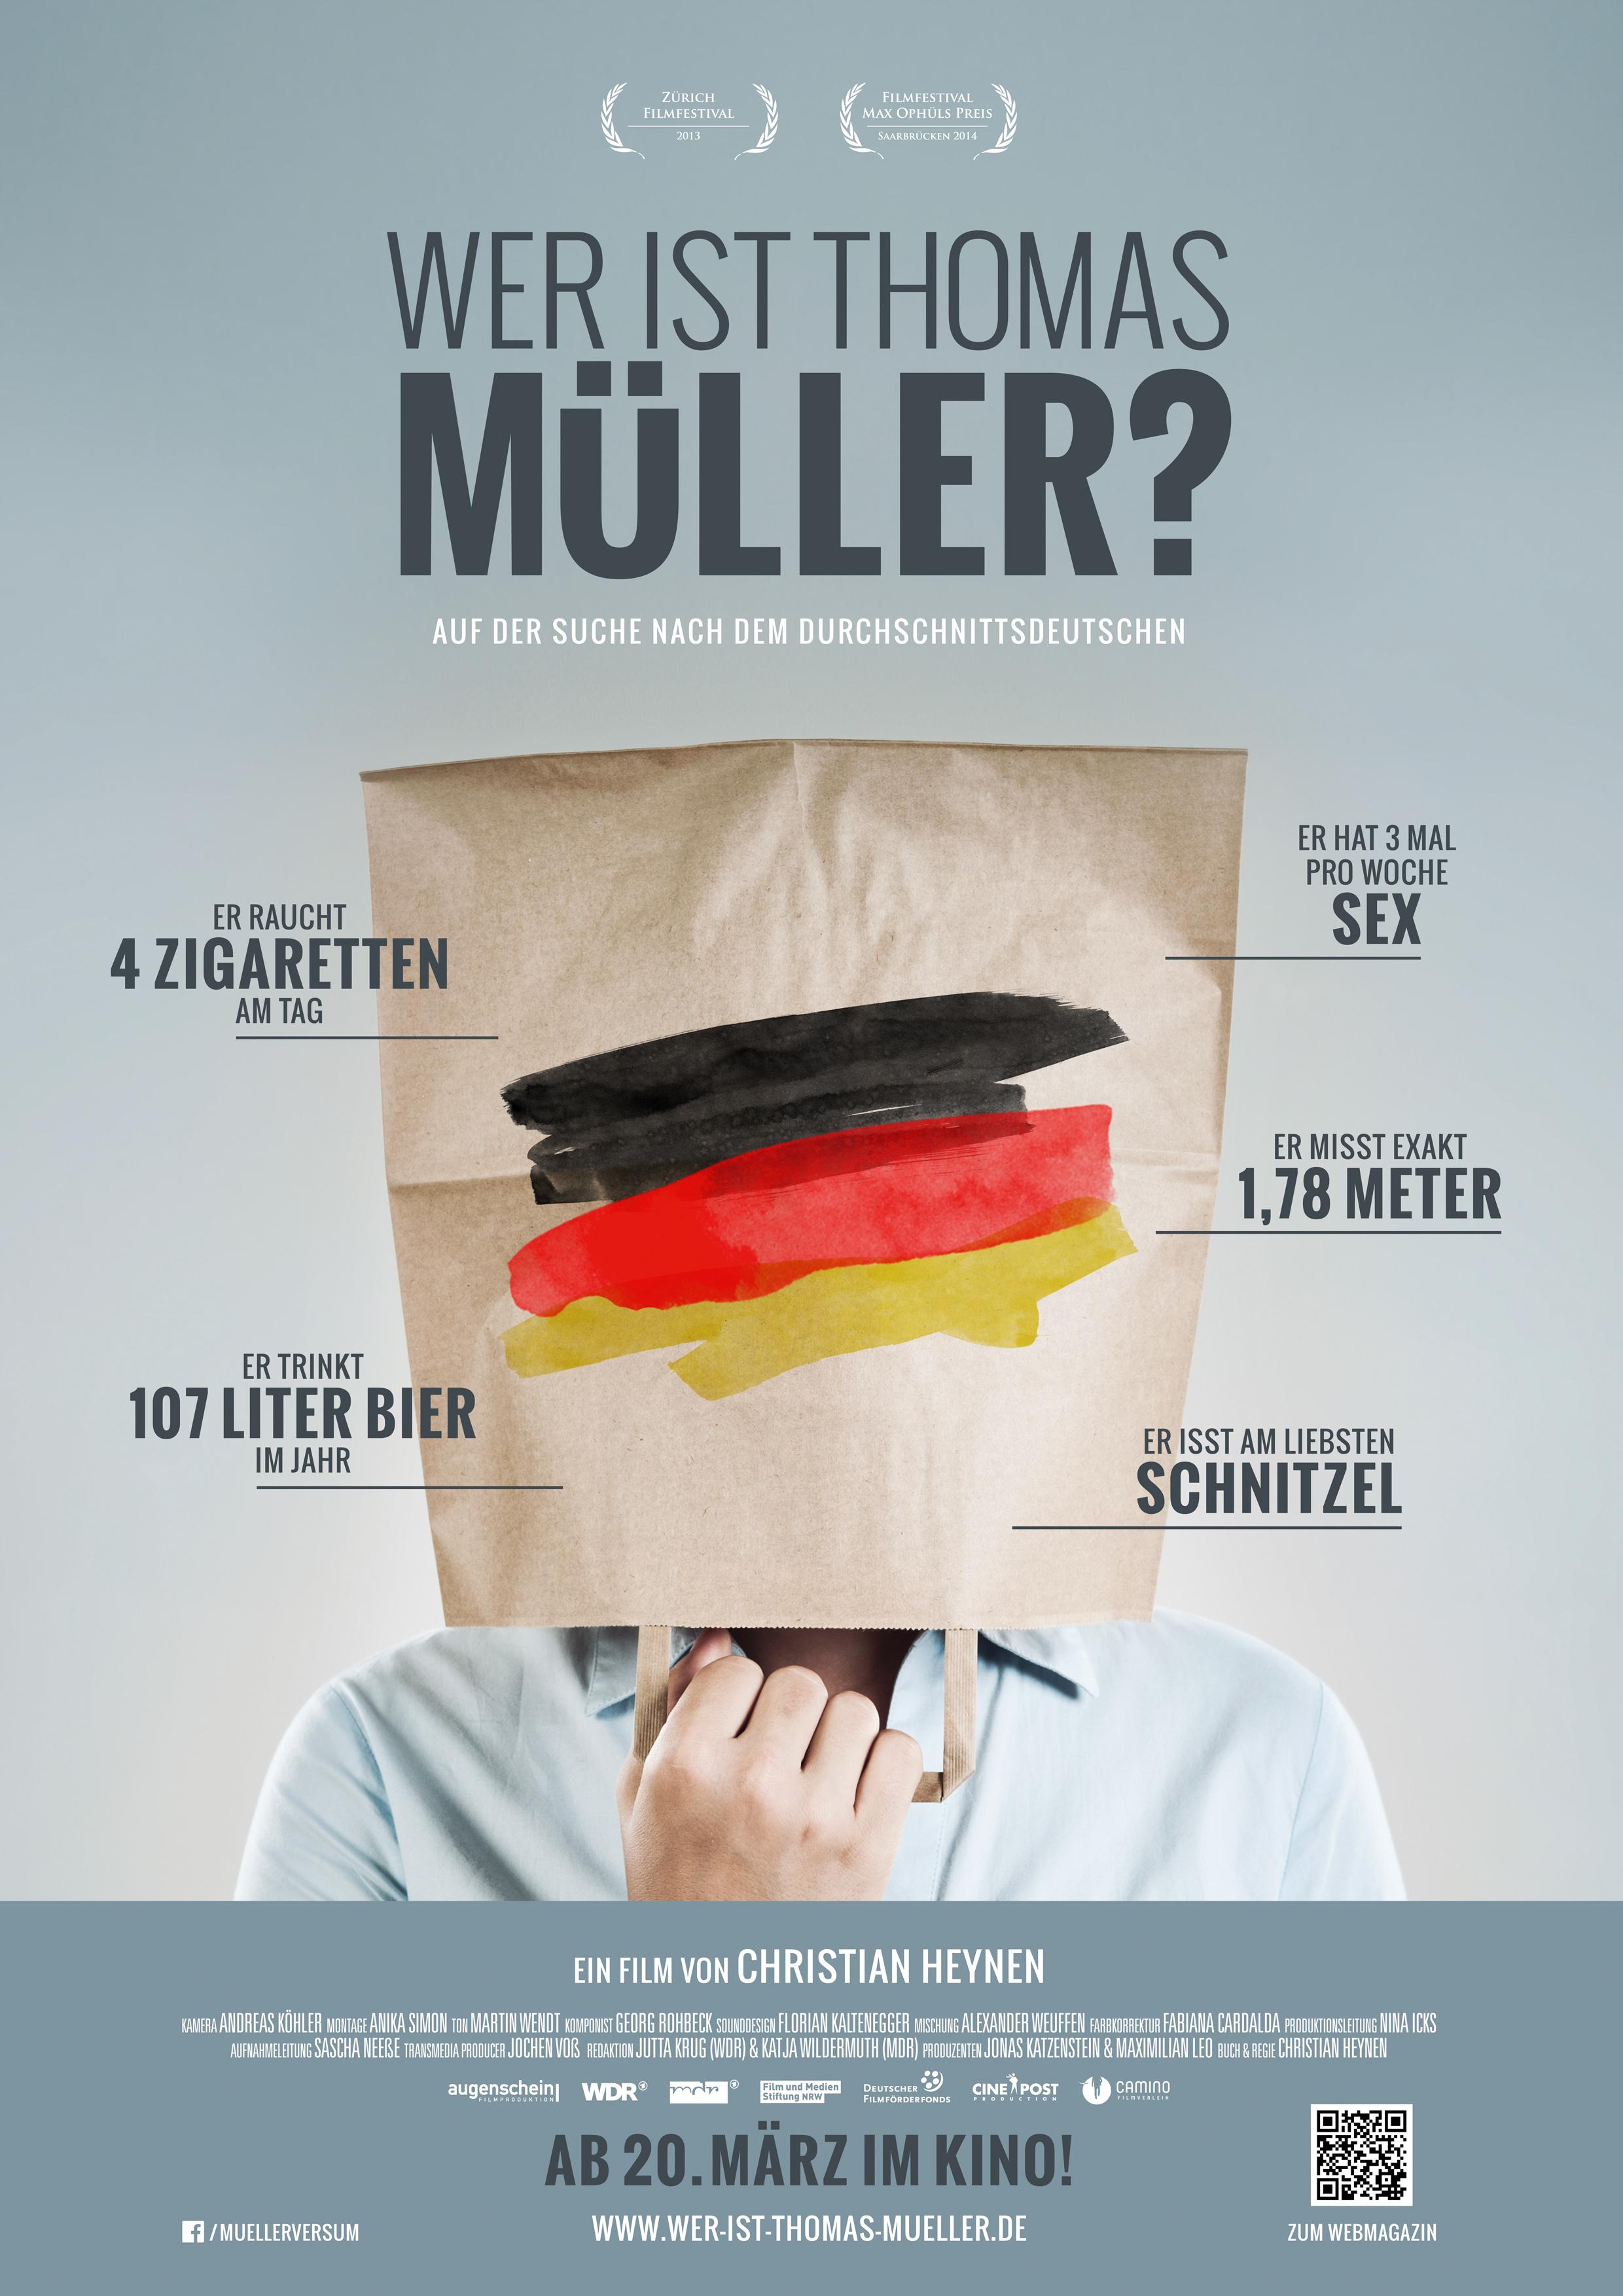 2014_Wer_ist_Thomas_Mueller_augenschein_Filmproduktion.jpg